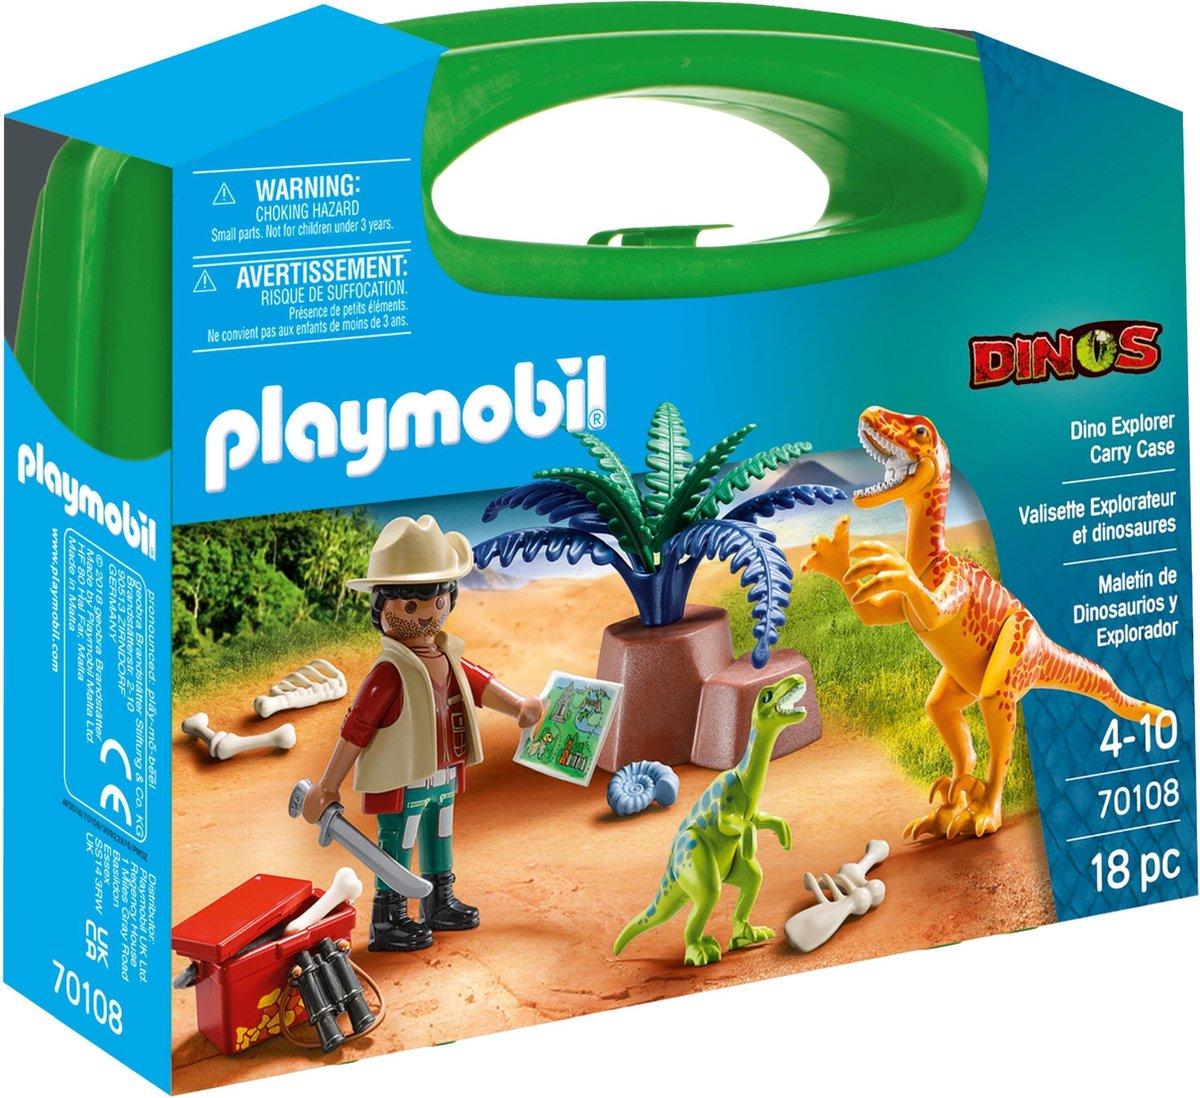 PLAYMOBIL Dinos Koffertje - 70108